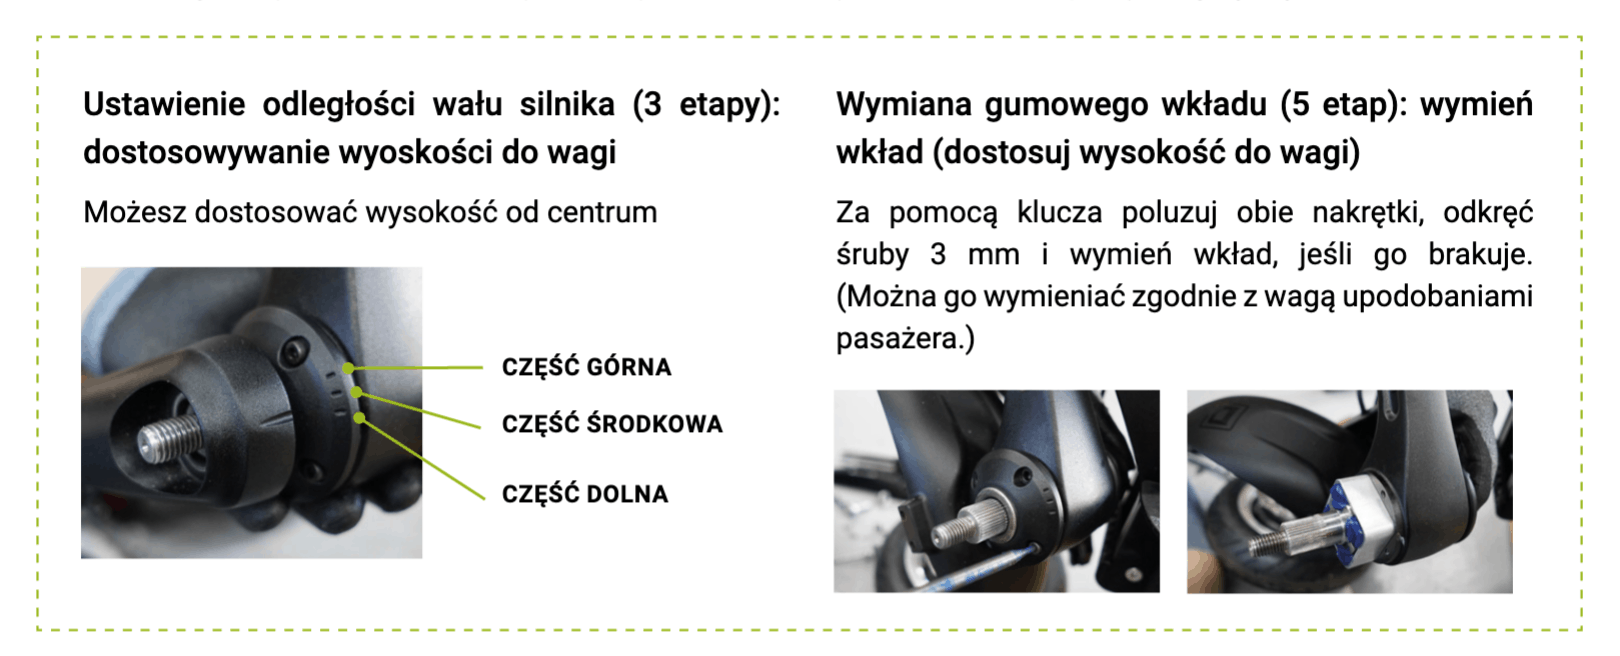 System regulacji zawieszenia Minimotors